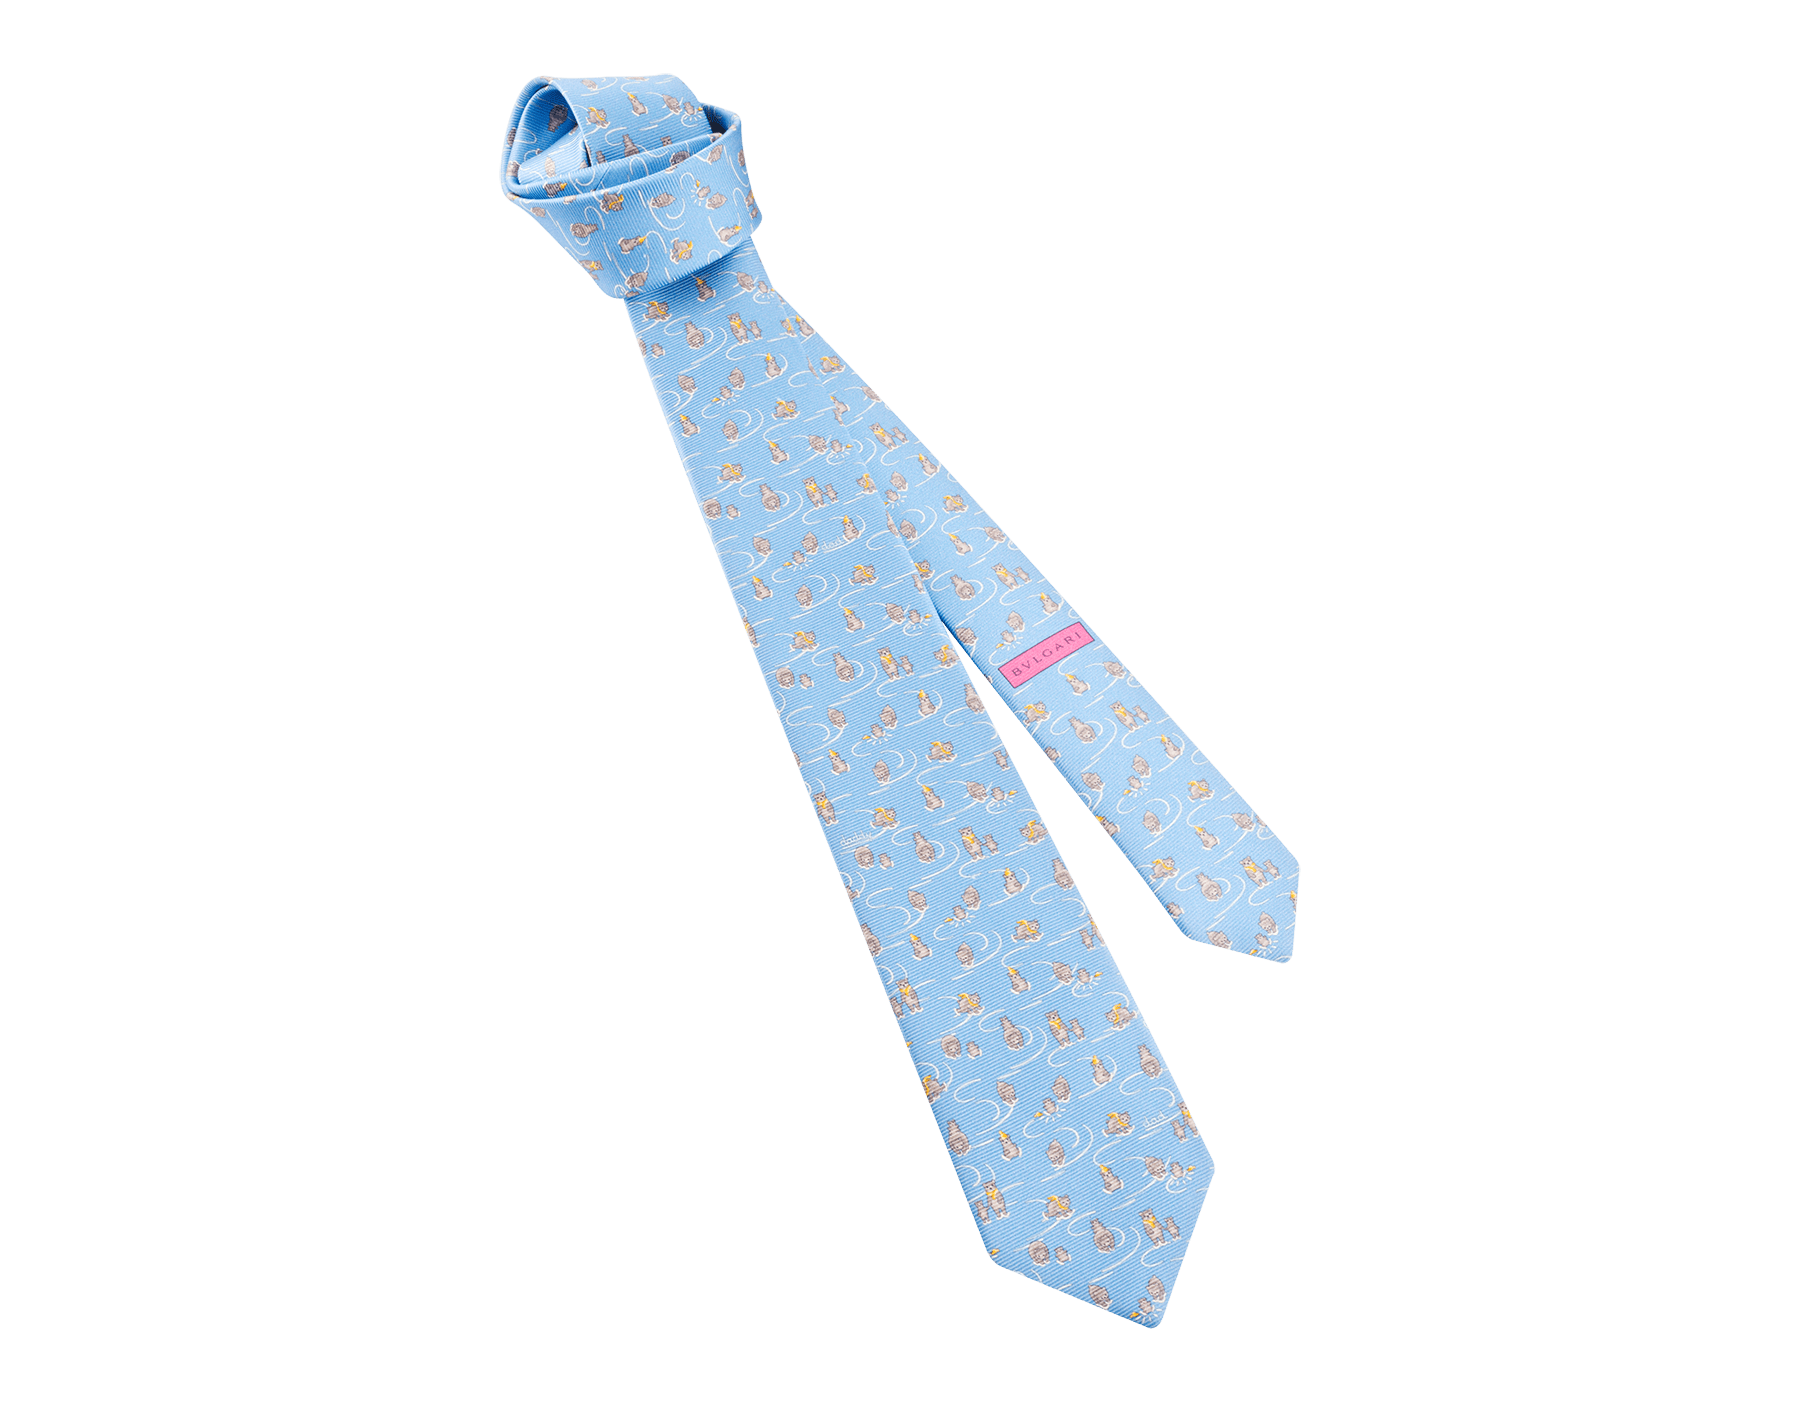 ライトブルーのダディークール セブンフォールドネクタイ。上質なサリオーネプリントシルク製。 244345 image 1